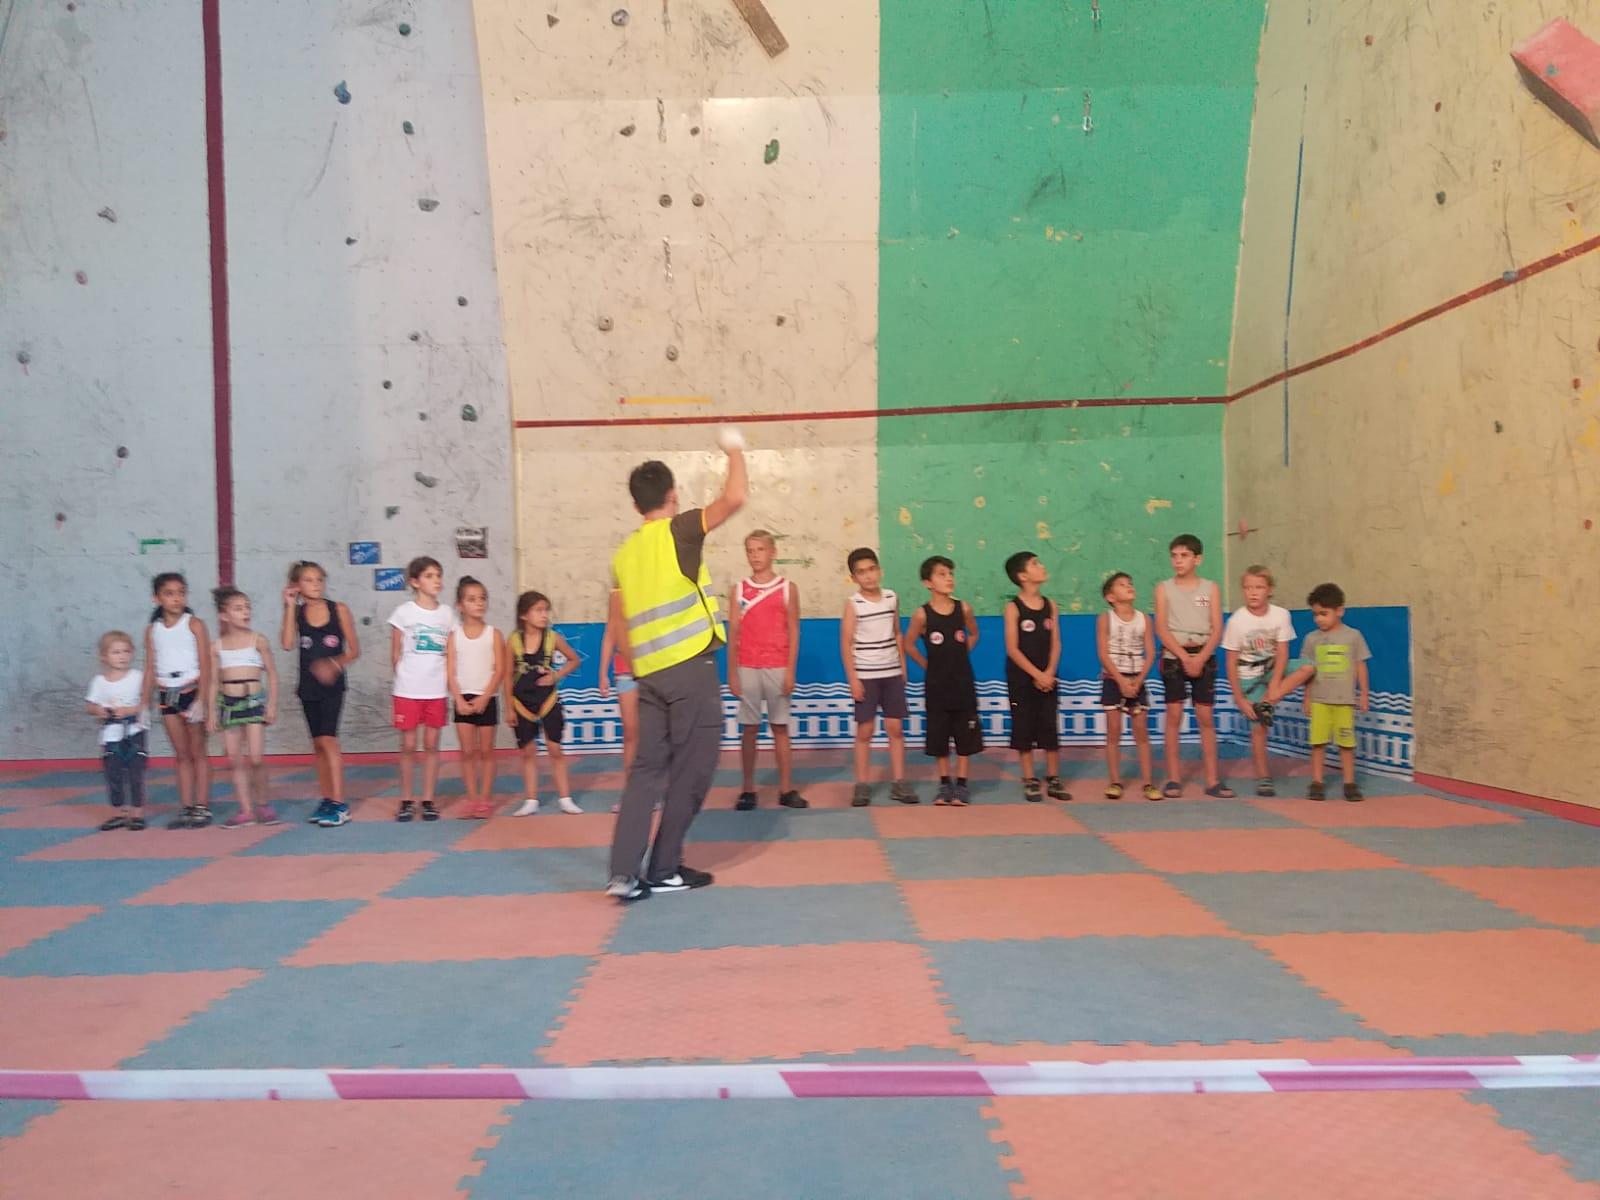 Spor Tırmanış İleri Seviye Eğitimi - Sivas Katılımcı Listesi